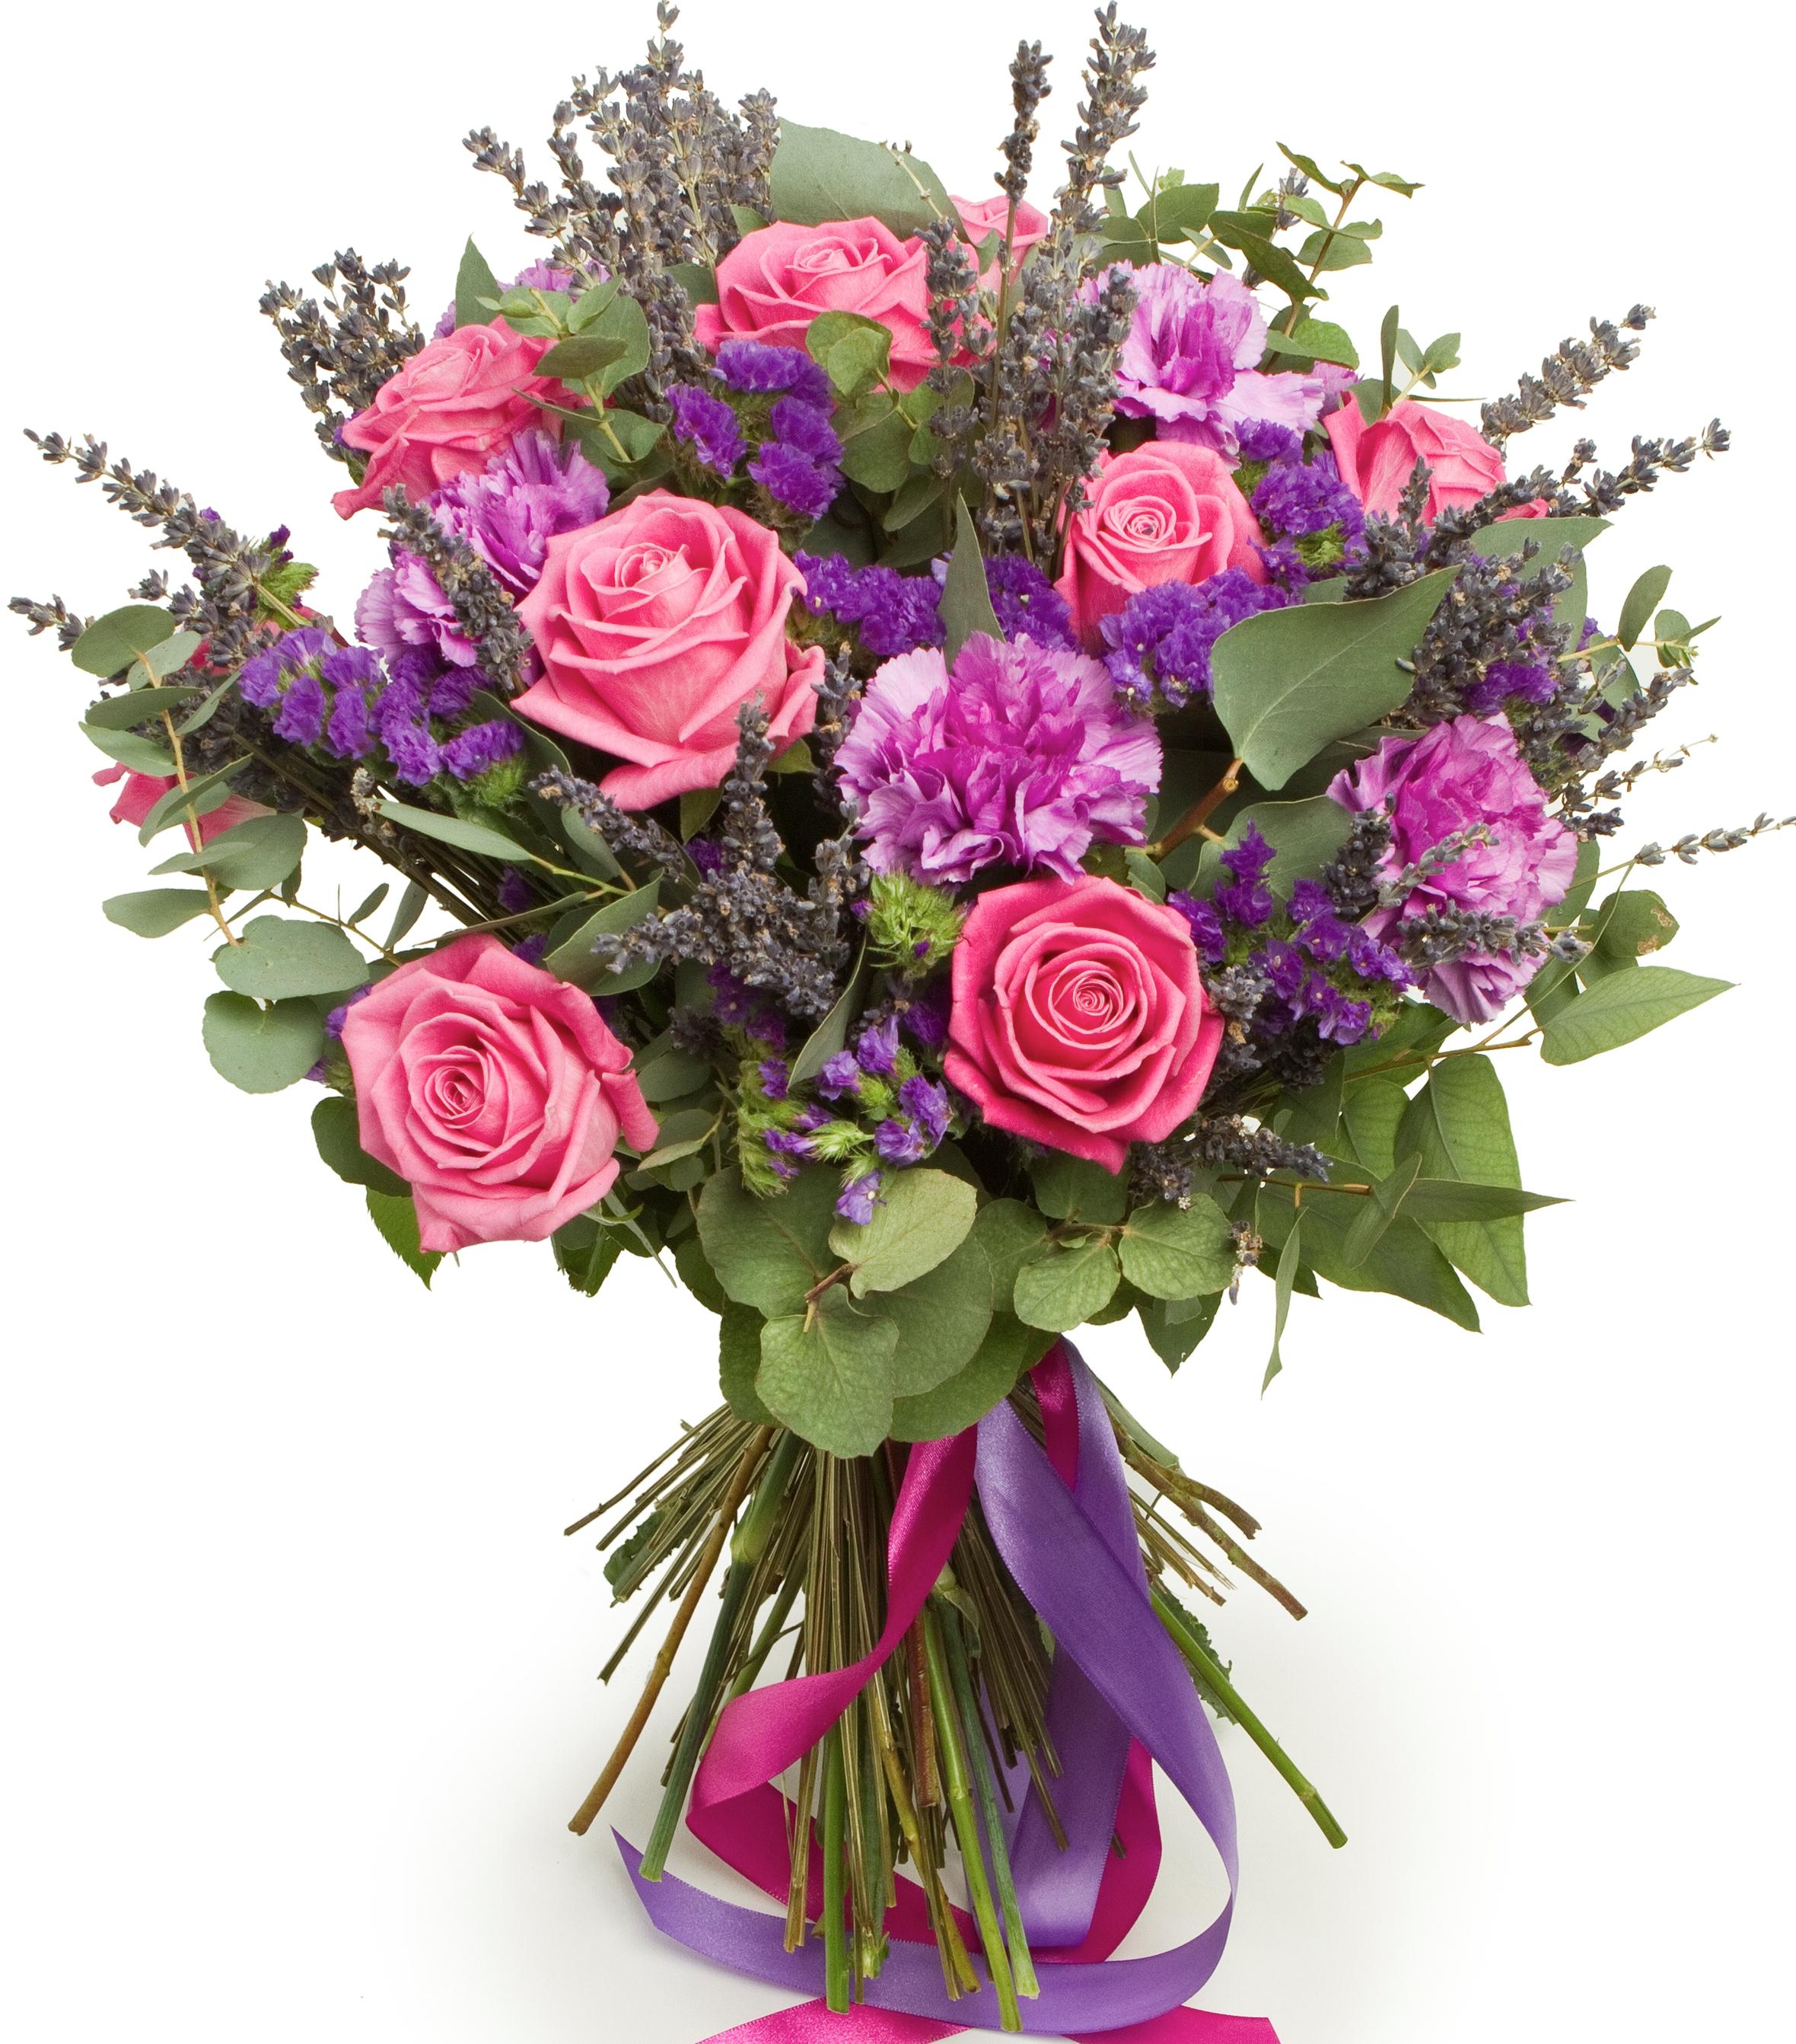 Авторский букет цветов Ночь в Париже<br>Ингредиенты: Гвоздика 7 шт, Лаванда 1 шт, Статица 4 шт, Эвкалипт 1 шт, Роза (50 см) 11 шт;